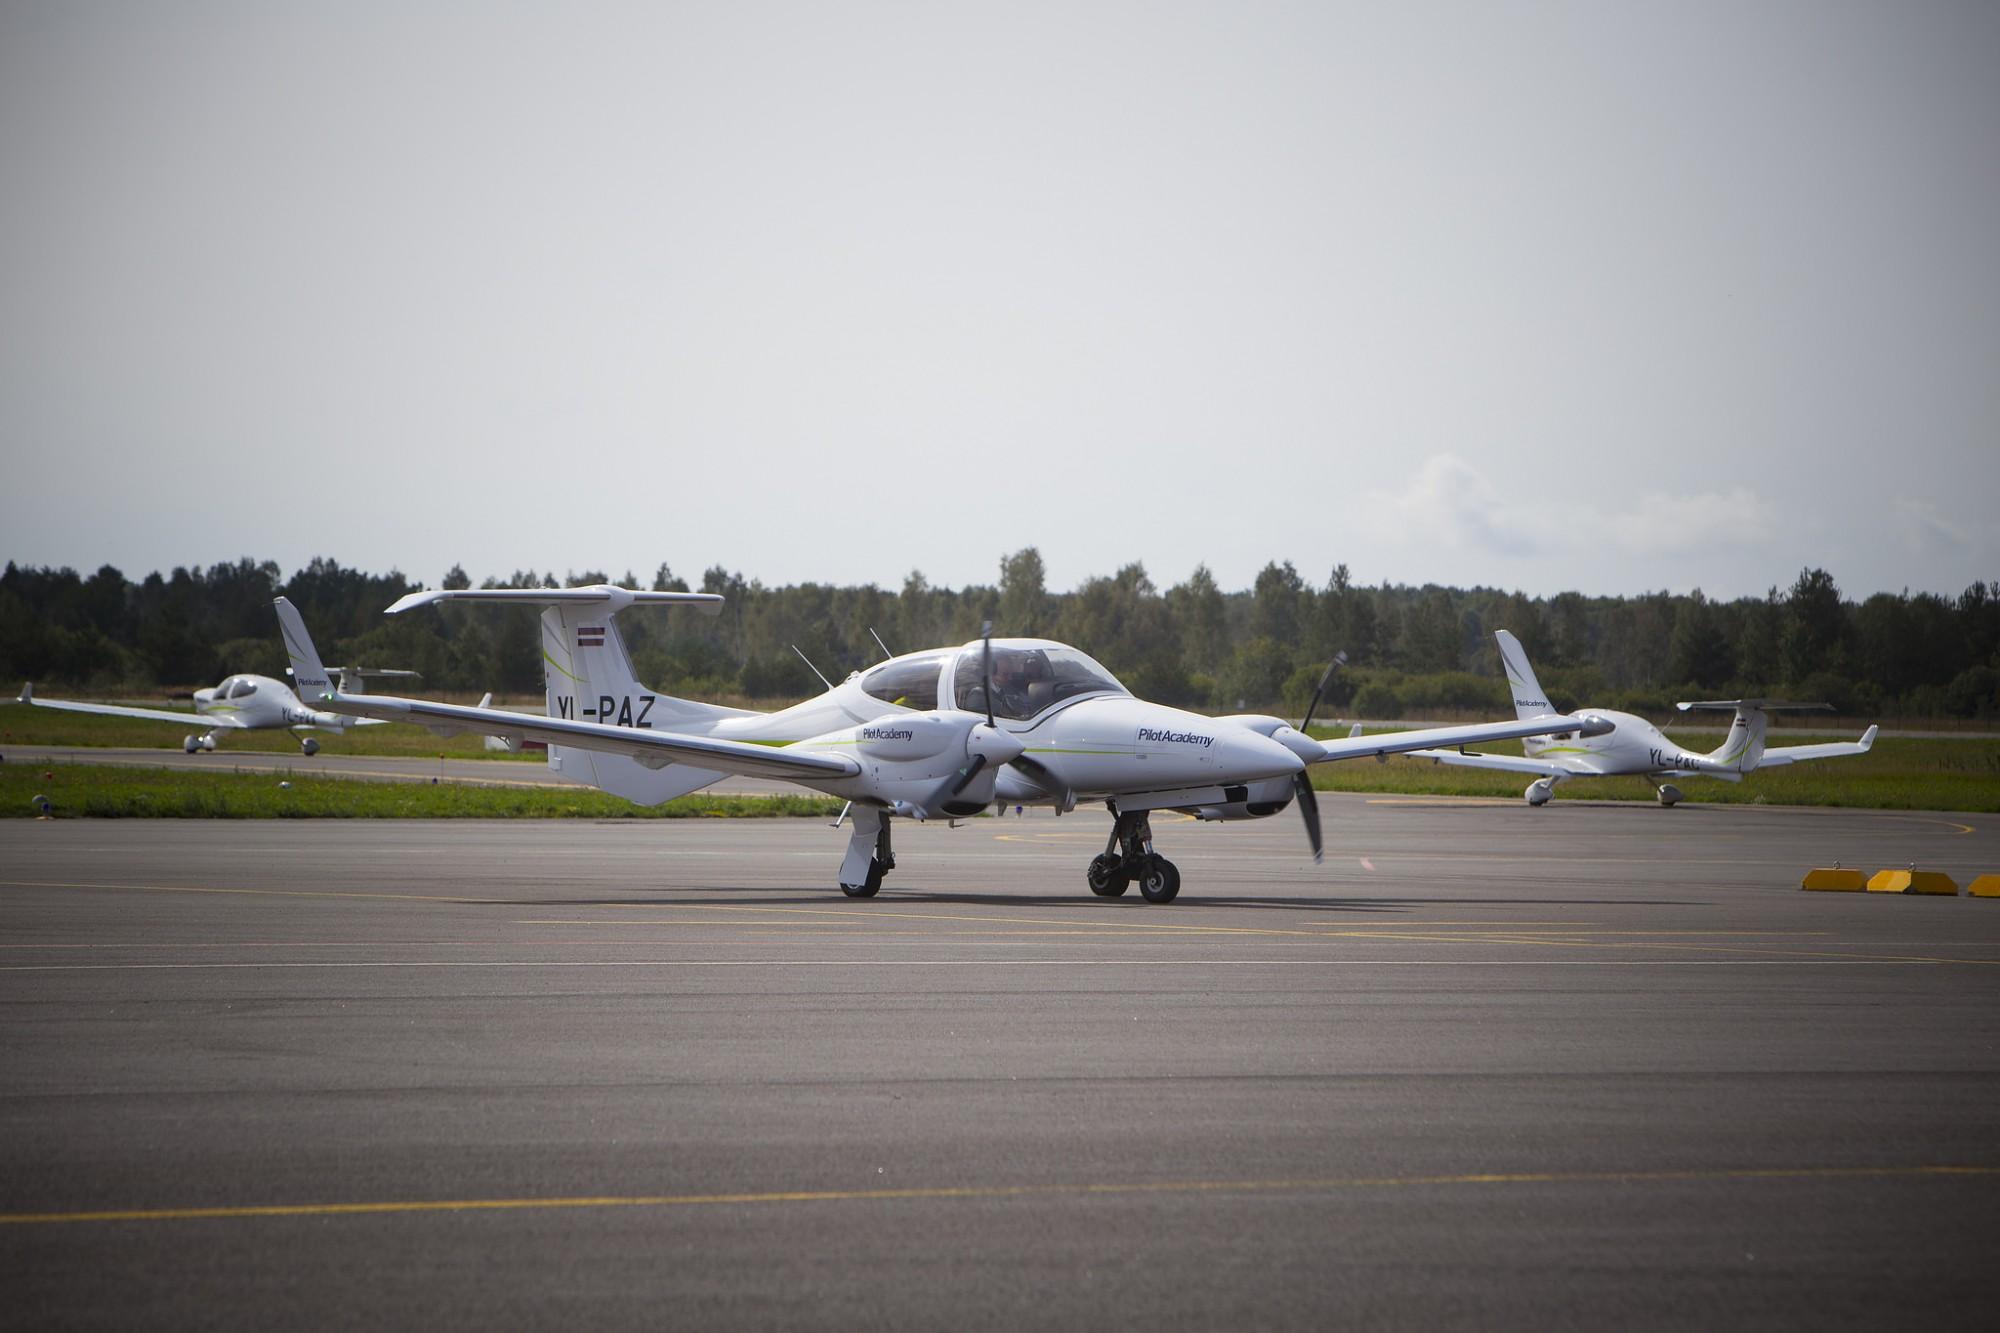 Septembrī pieaudzis apkalpoto pasažieru skaits Liepājas lidostā